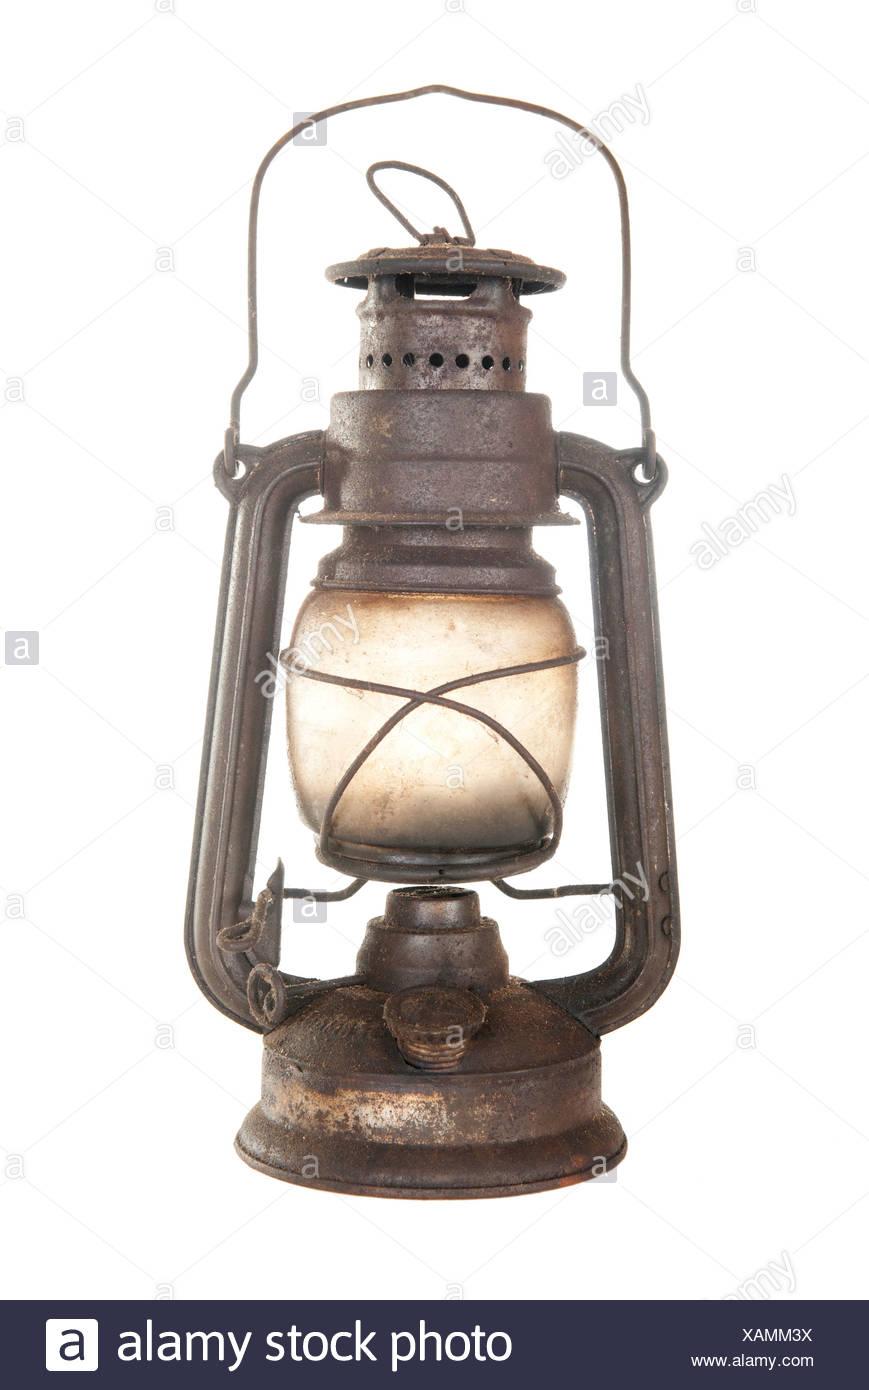 old rusty kerosene lamp - Stock Image